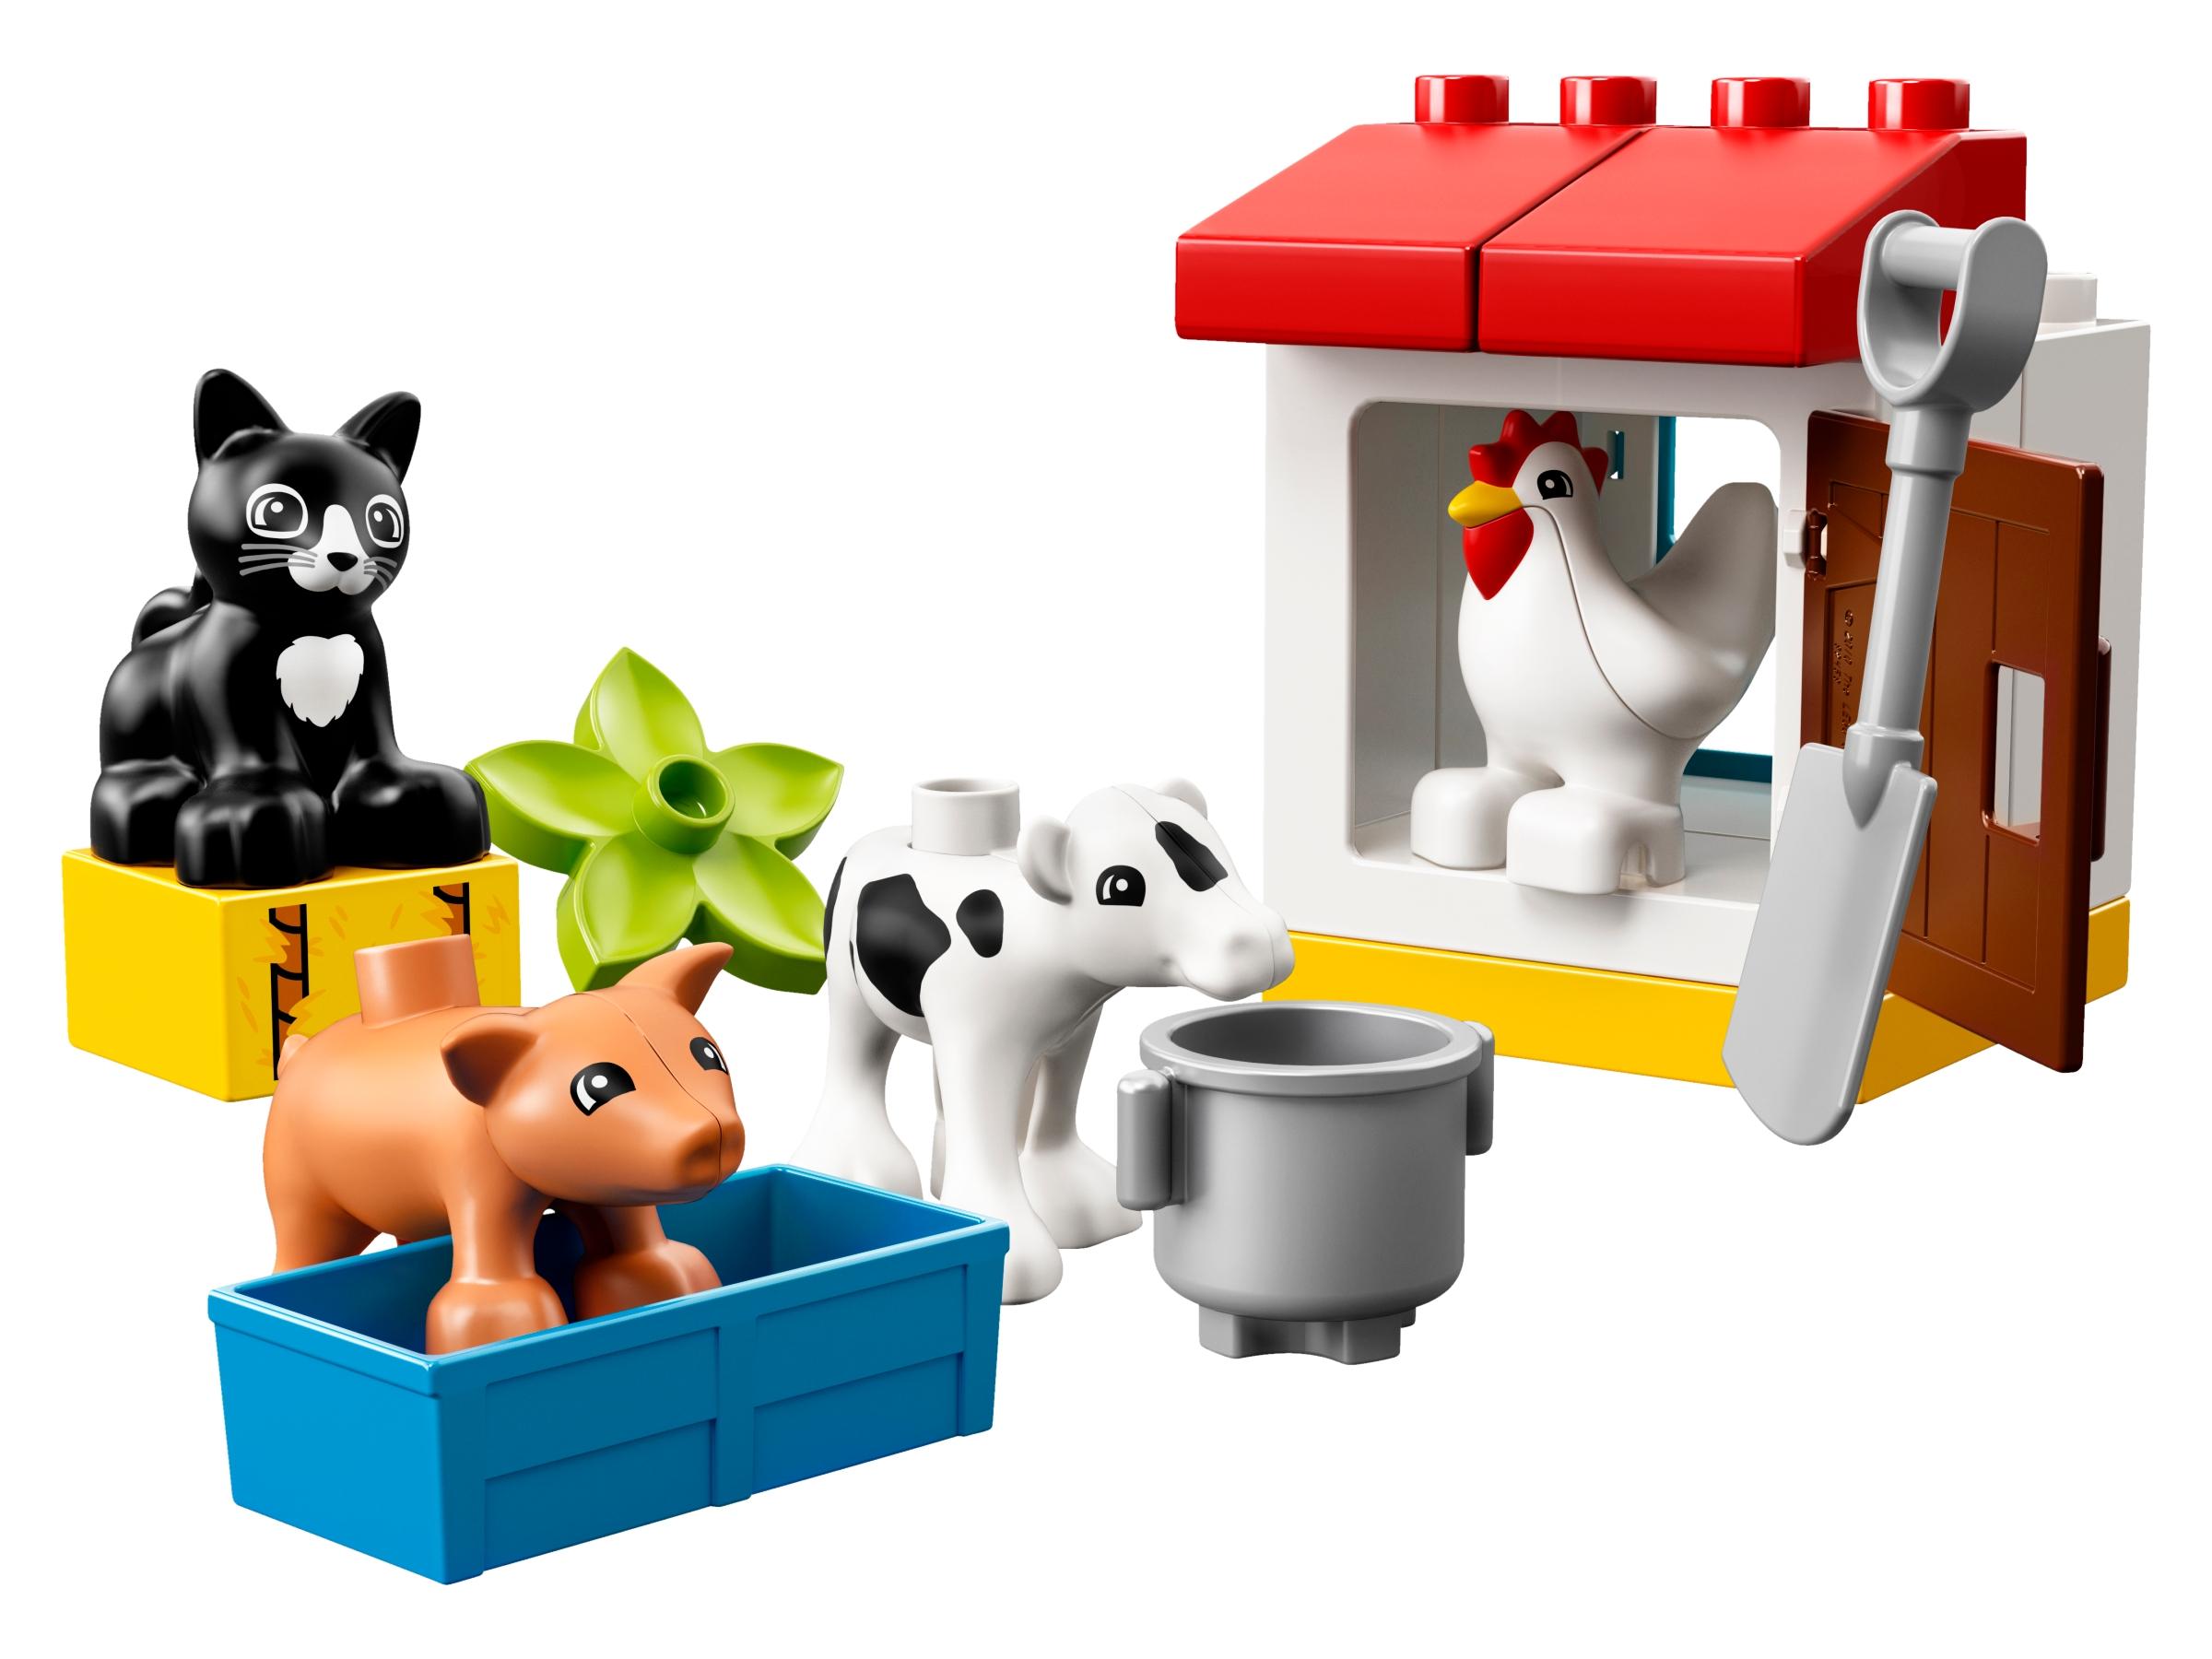 農場動物 10870 | DUPLO® | 在HK LEGO® 官方網上商店網上購物